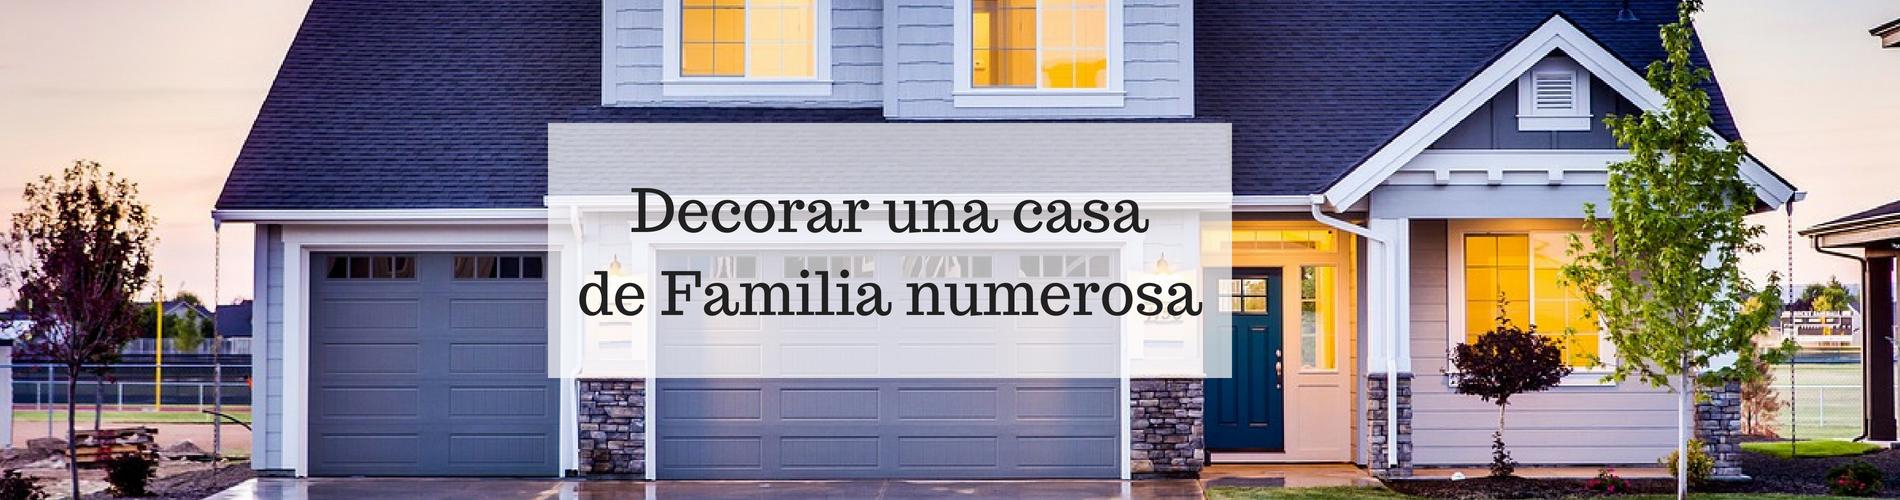 banner-familia-numerosa-1